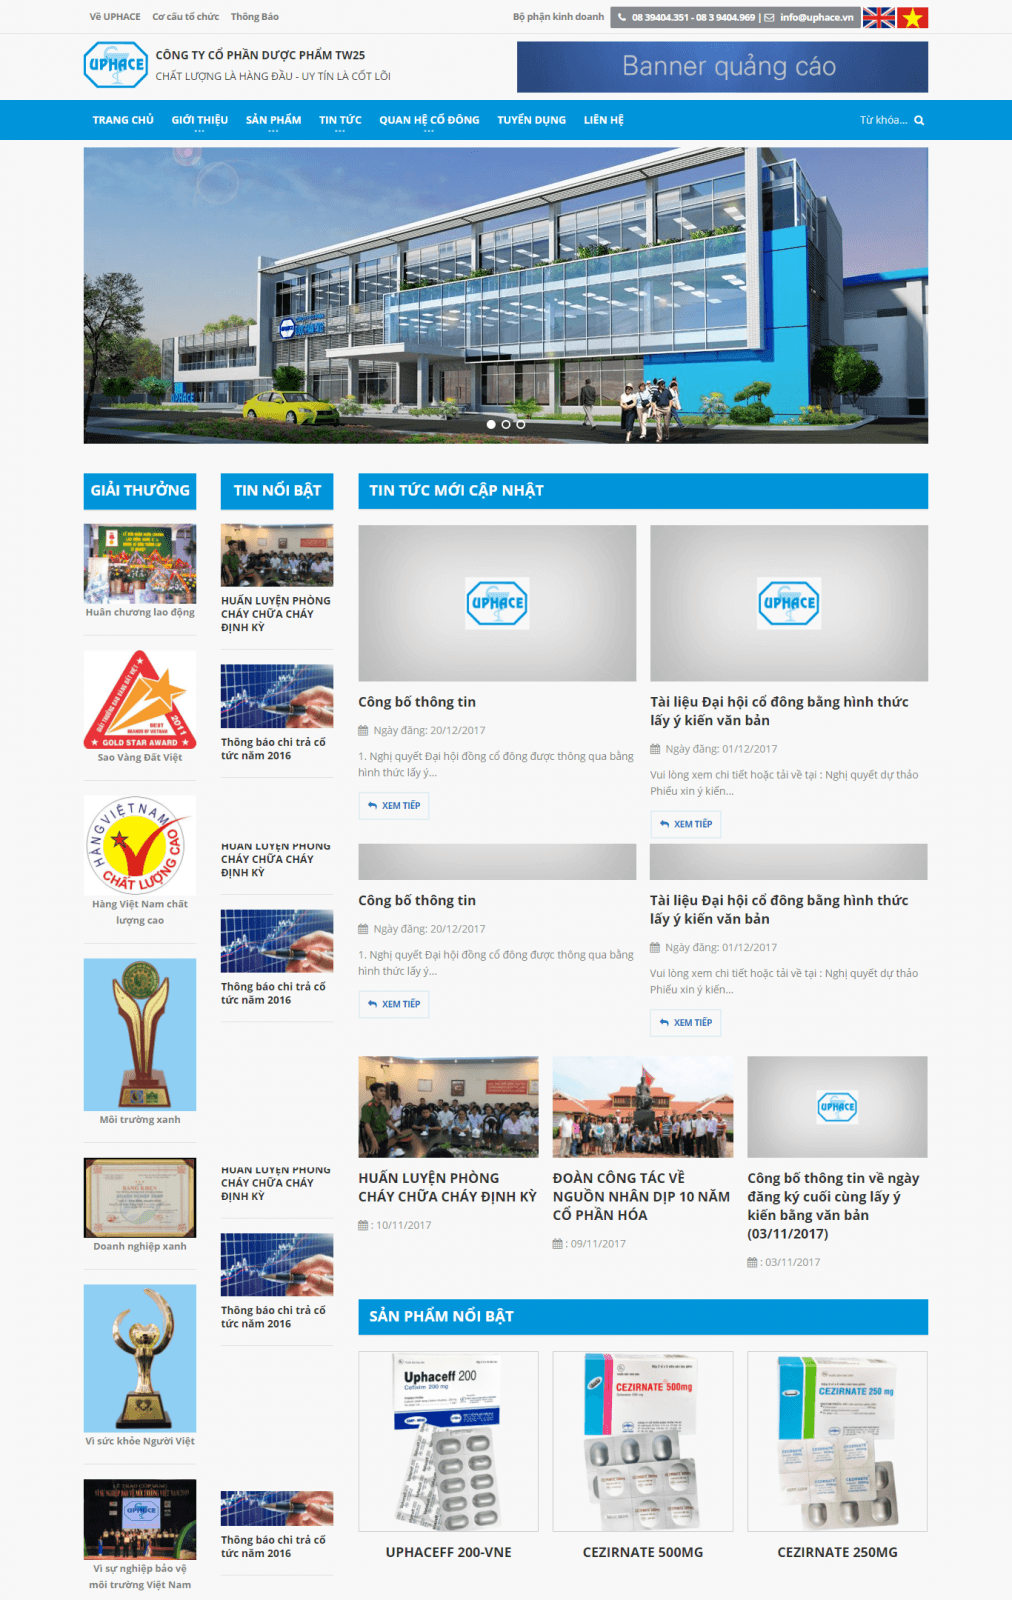 website công ty công phần dược phẩm TW 25